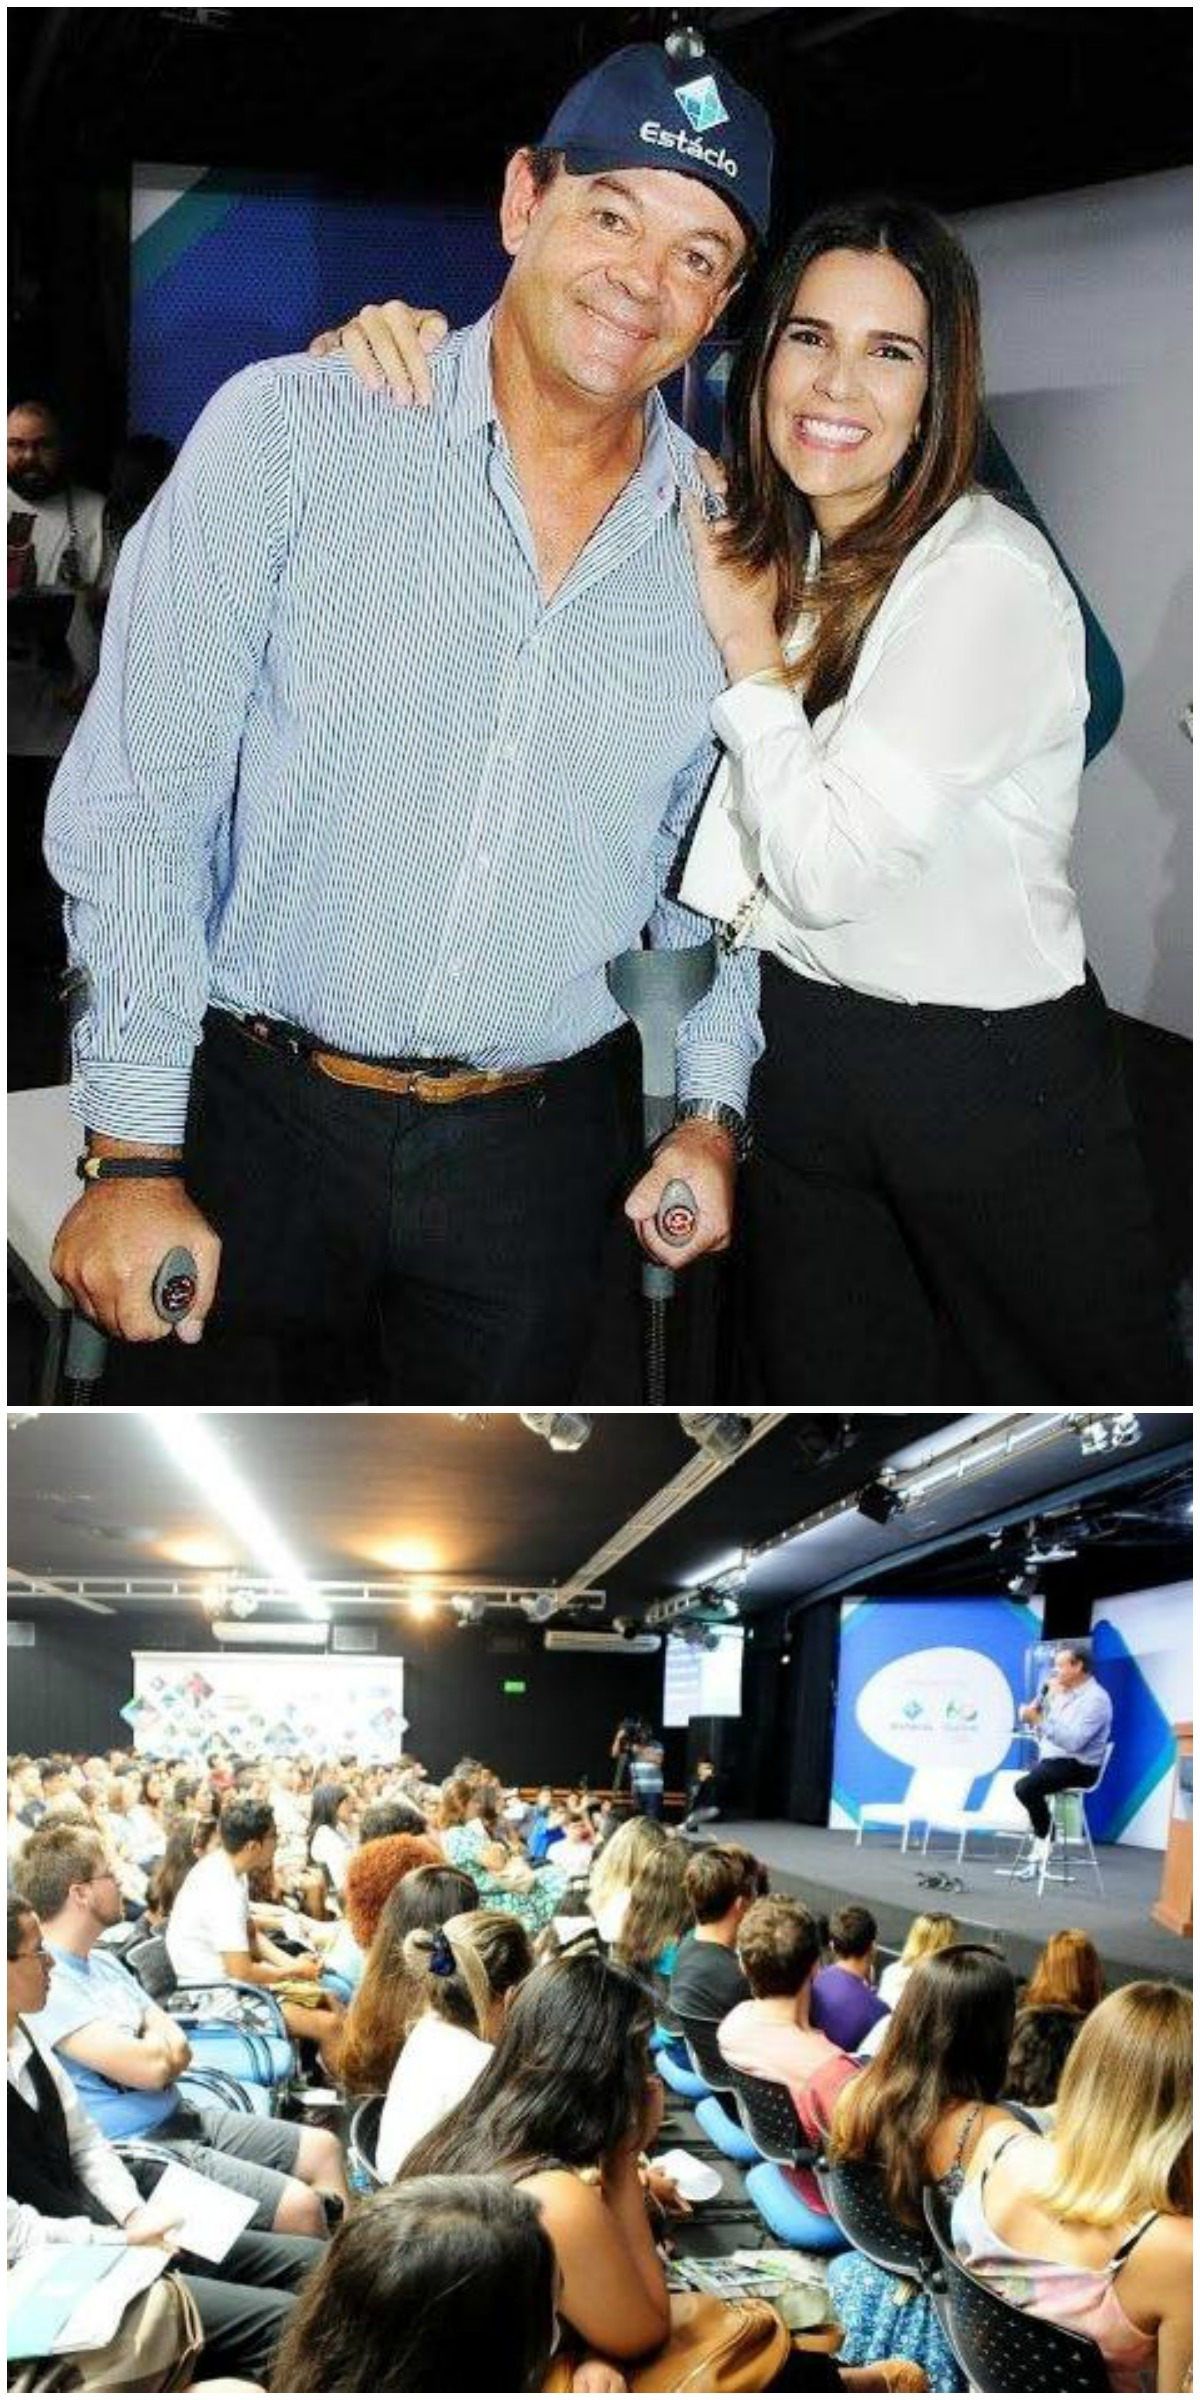 Lars Grael e a diretora da Estácio Claudia Romano, no alto; acima, a plateia de alunos da universidade / Fotos: Ana Colla